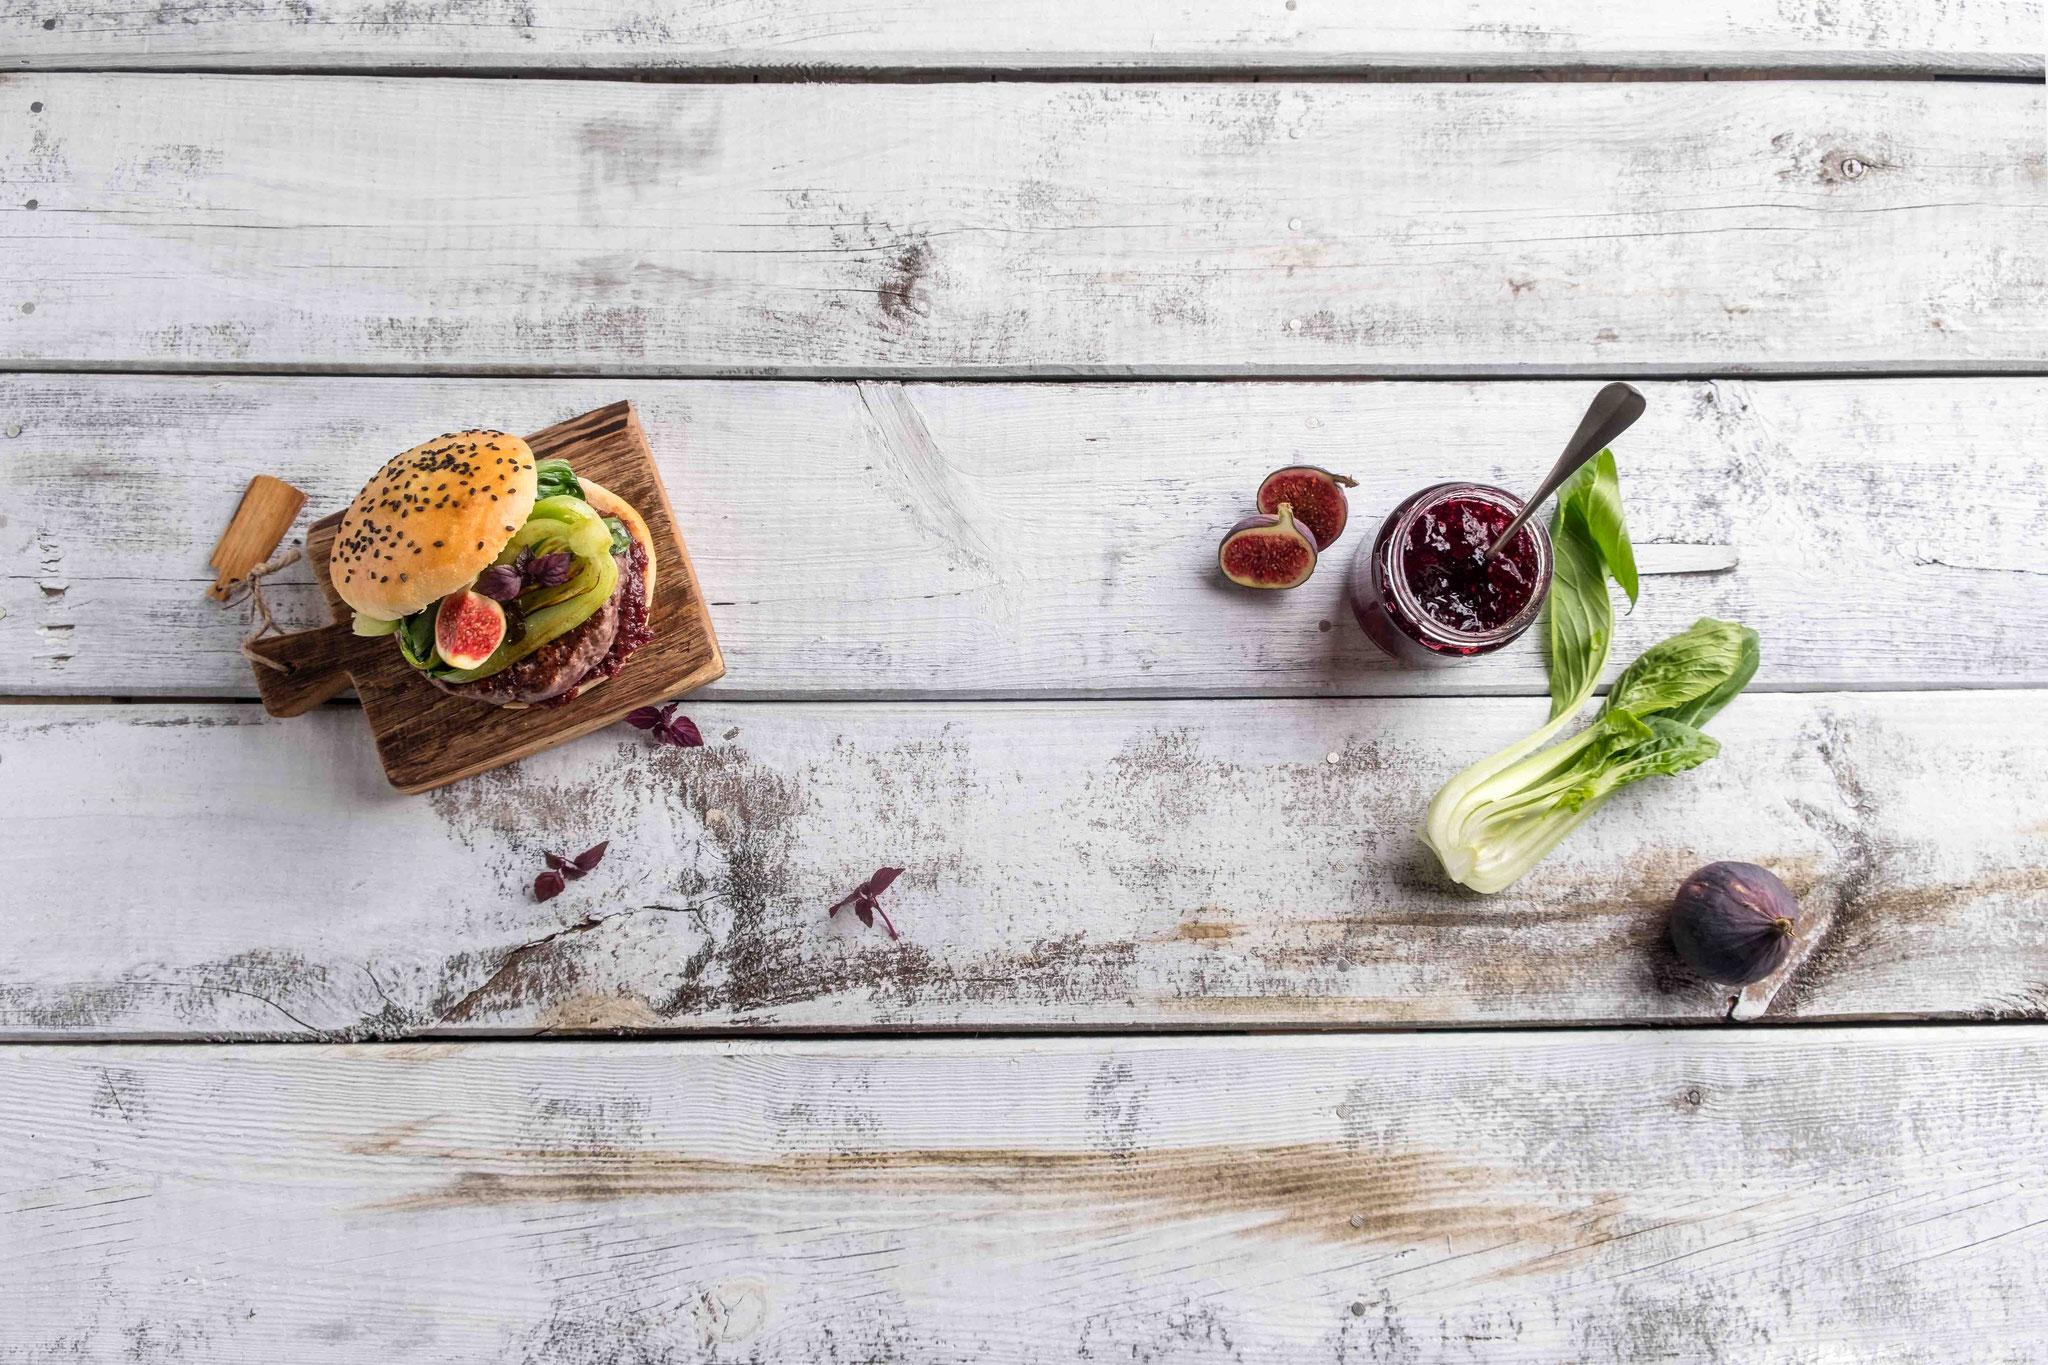 Dieses Foodfoto entstand bei einem Workshop.